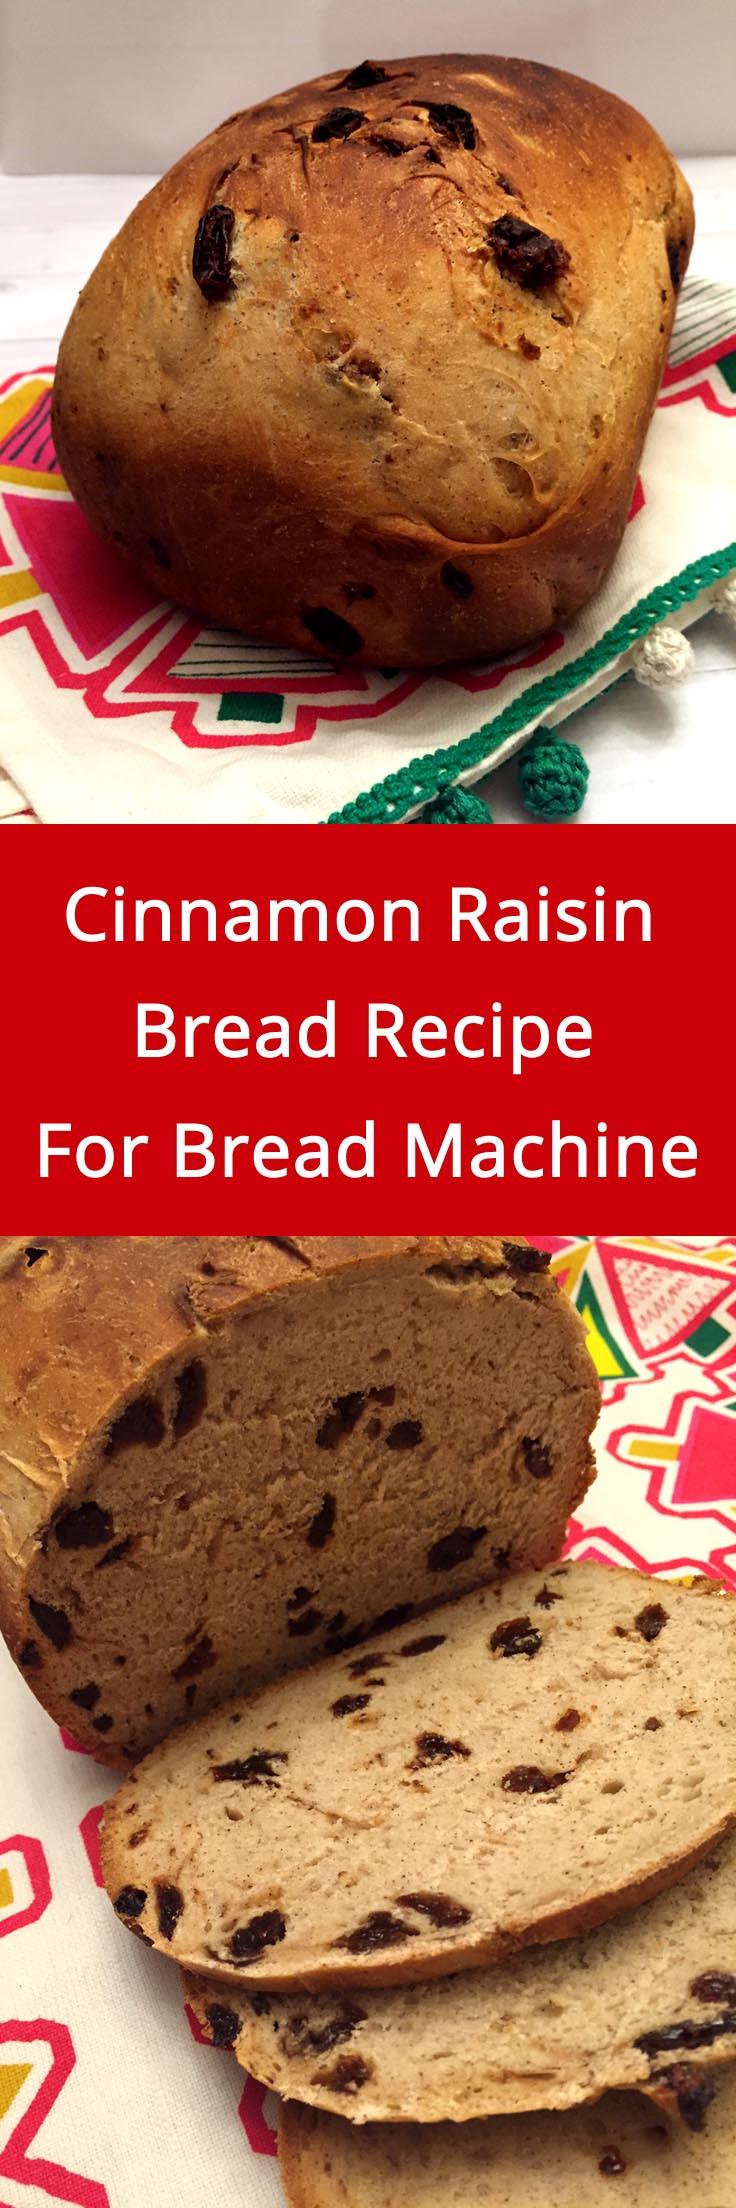 Cinnamon Raisin Bread Machine Recipe  Cinnamon Raisin Bread Recipe For Bread Machine – Melanie Cooks